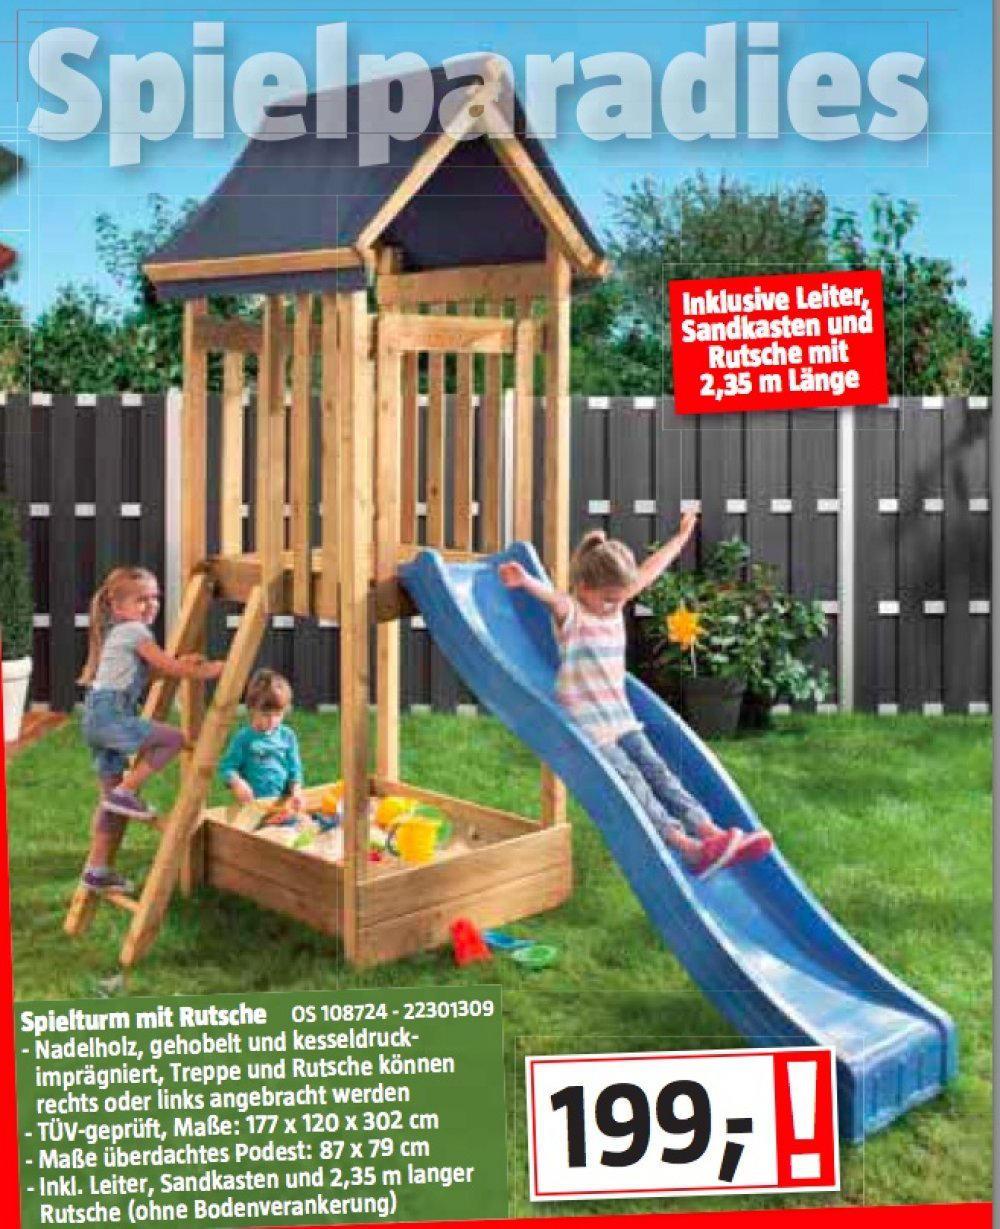 Full Size of Spielturm Bauhaus Mit Rutsche Nur 199 Fenster Garten Kinderspielturm Wohnzimmer Spielturm Bauhaus